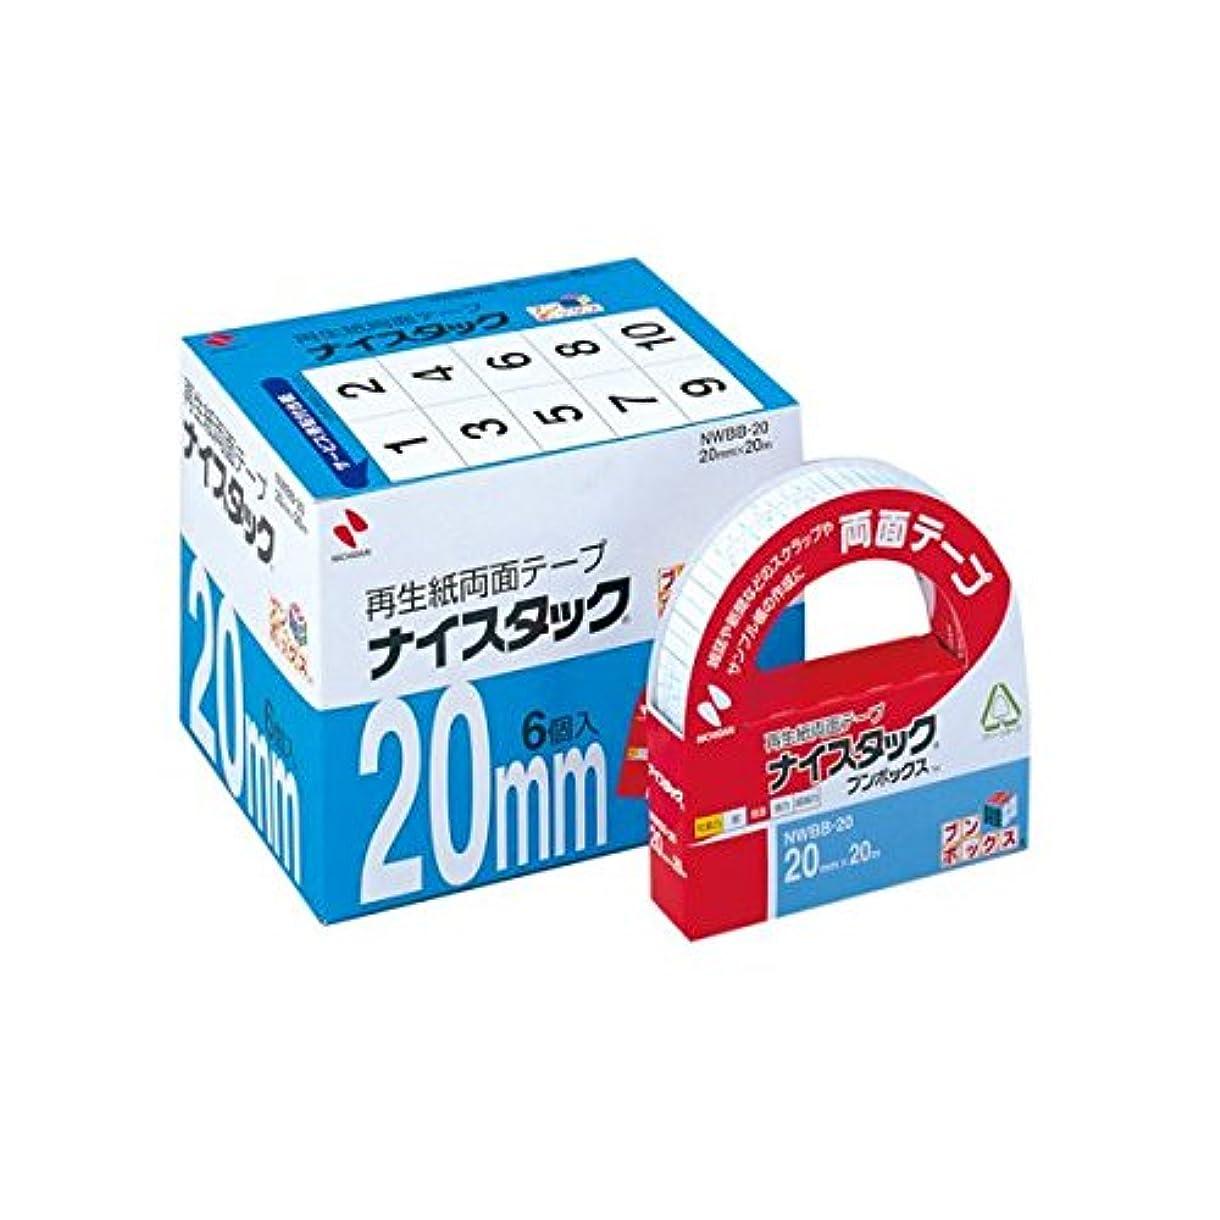 長くする認可道路(まとめ) ニチバン ナイスタック 再生紙両面テープ ブンボックス 大巻 20mm×20m NWBB-20 1パック(6巻) 〔×2セット〕